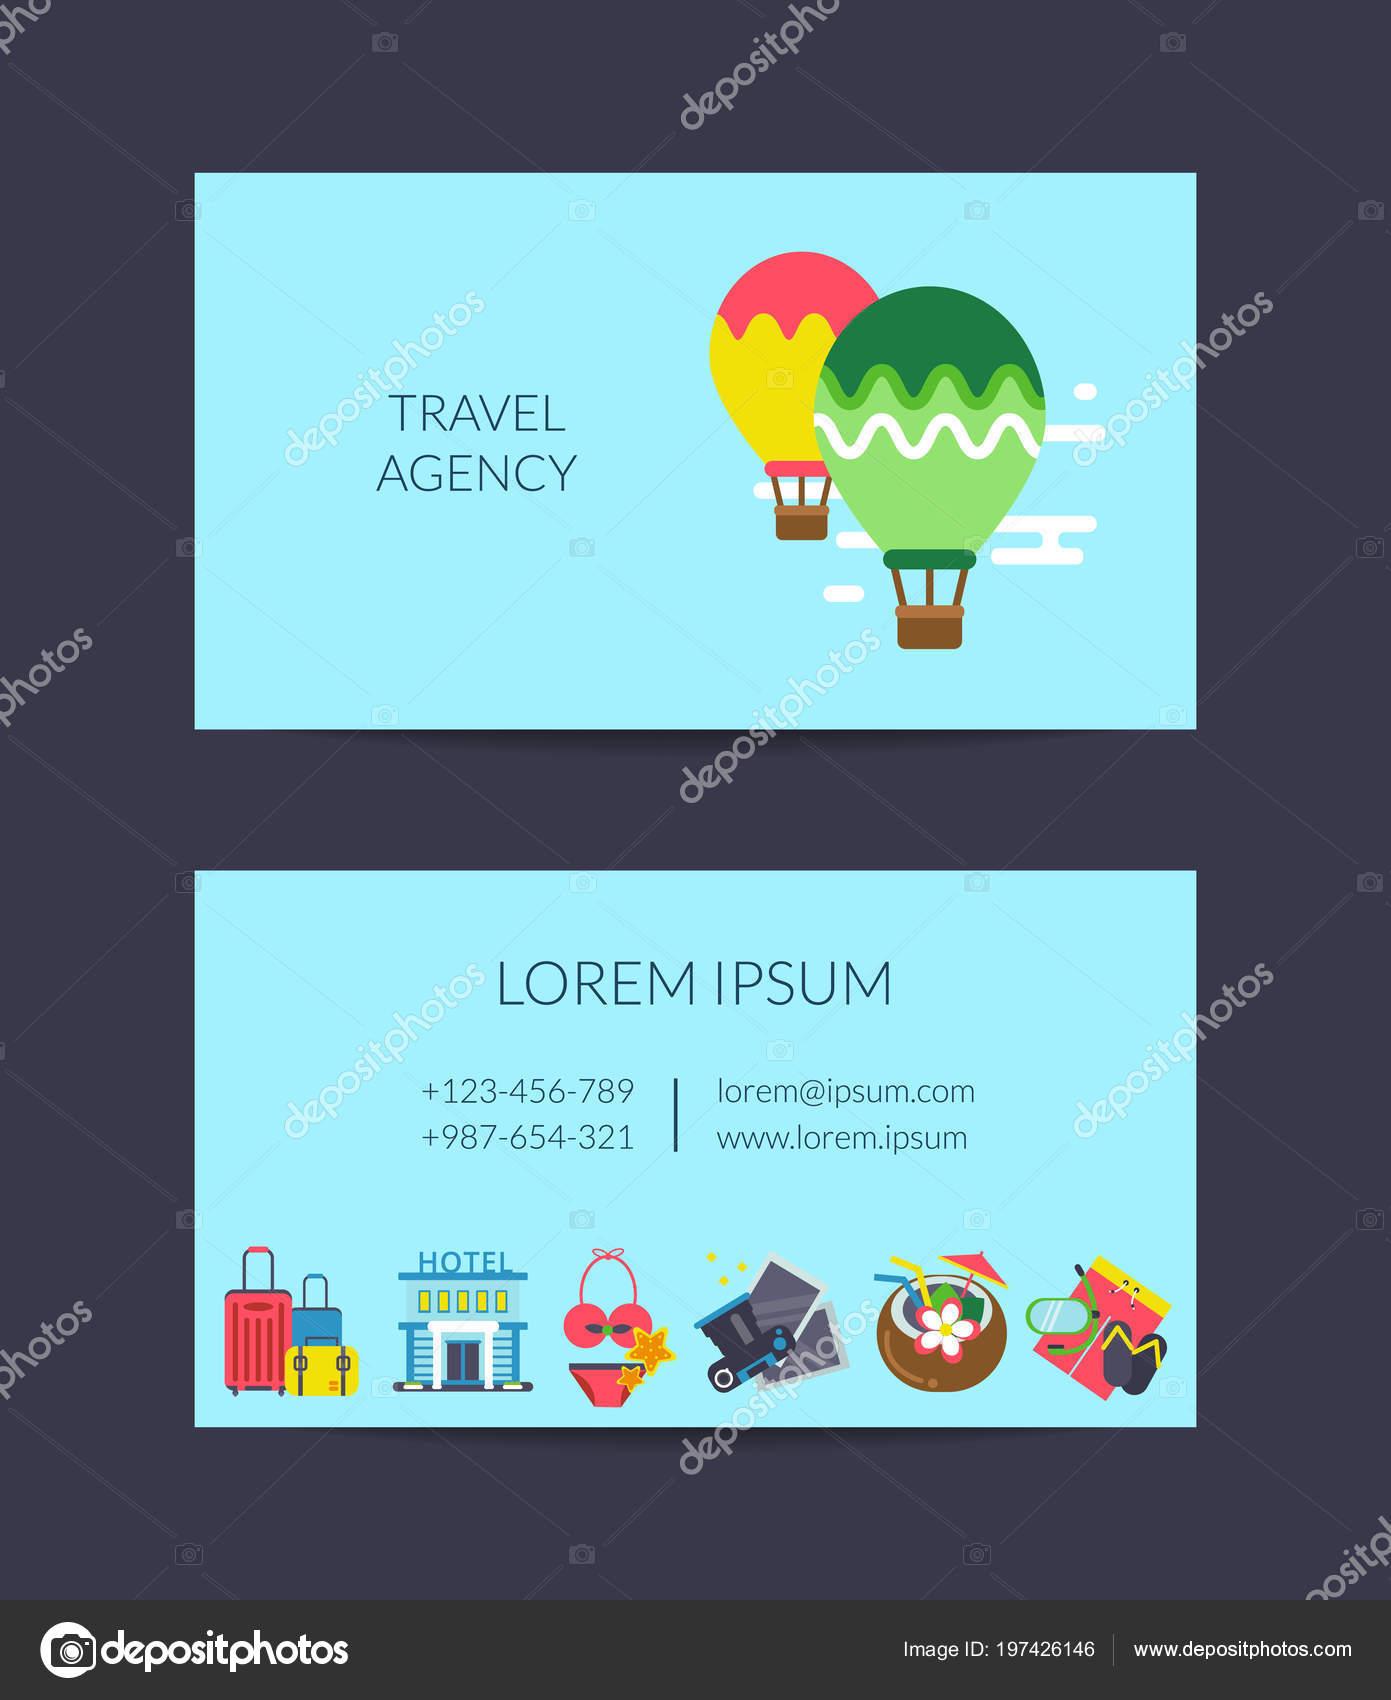 Modele De Carte Visite Elements Vecteur Voyage Plat Pour Agence Image Vectorielle